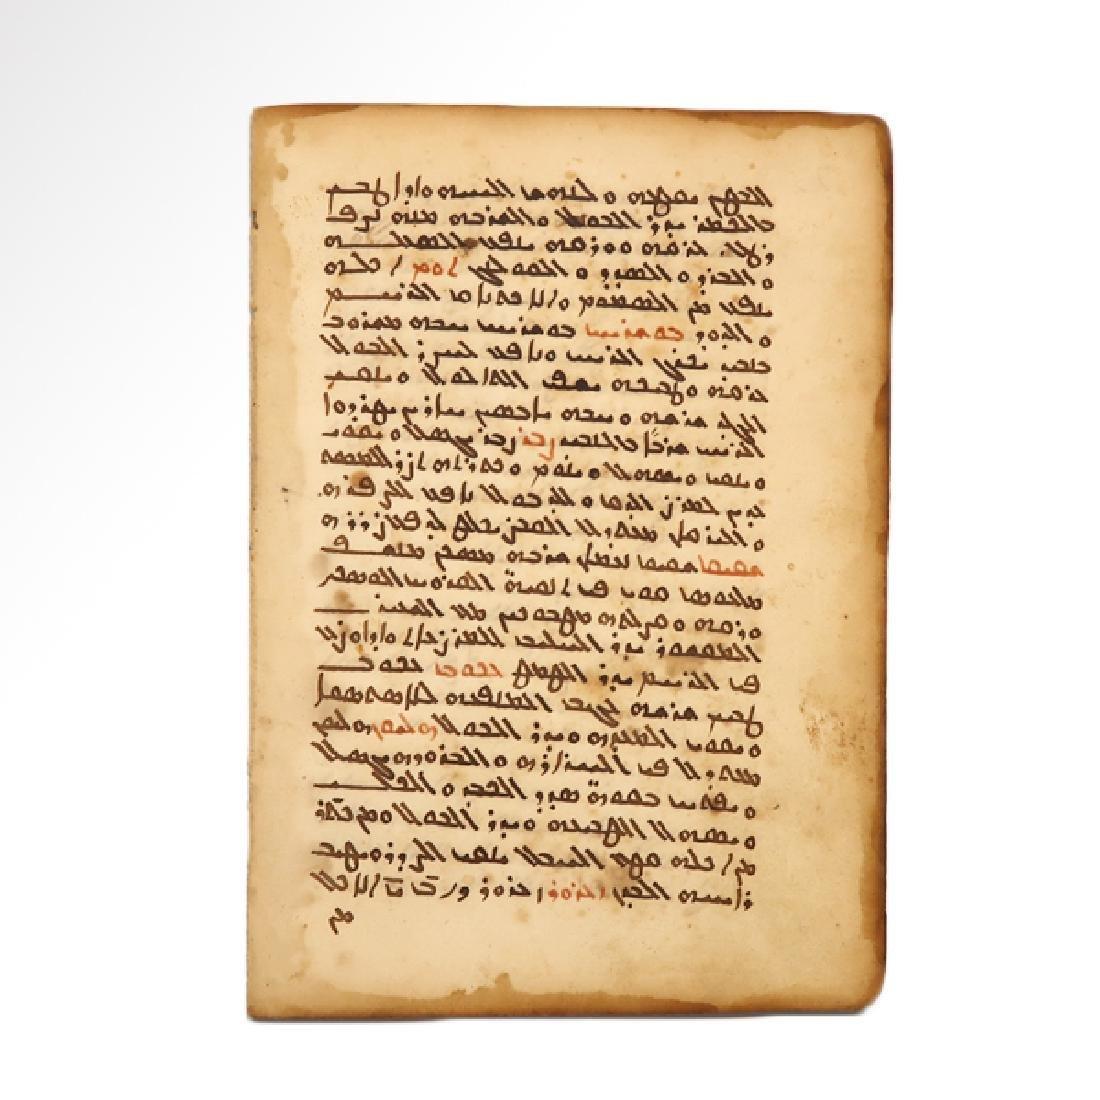 Syriac Manuscript Leaf, Herbal Medicine, c. 1800 A.D.